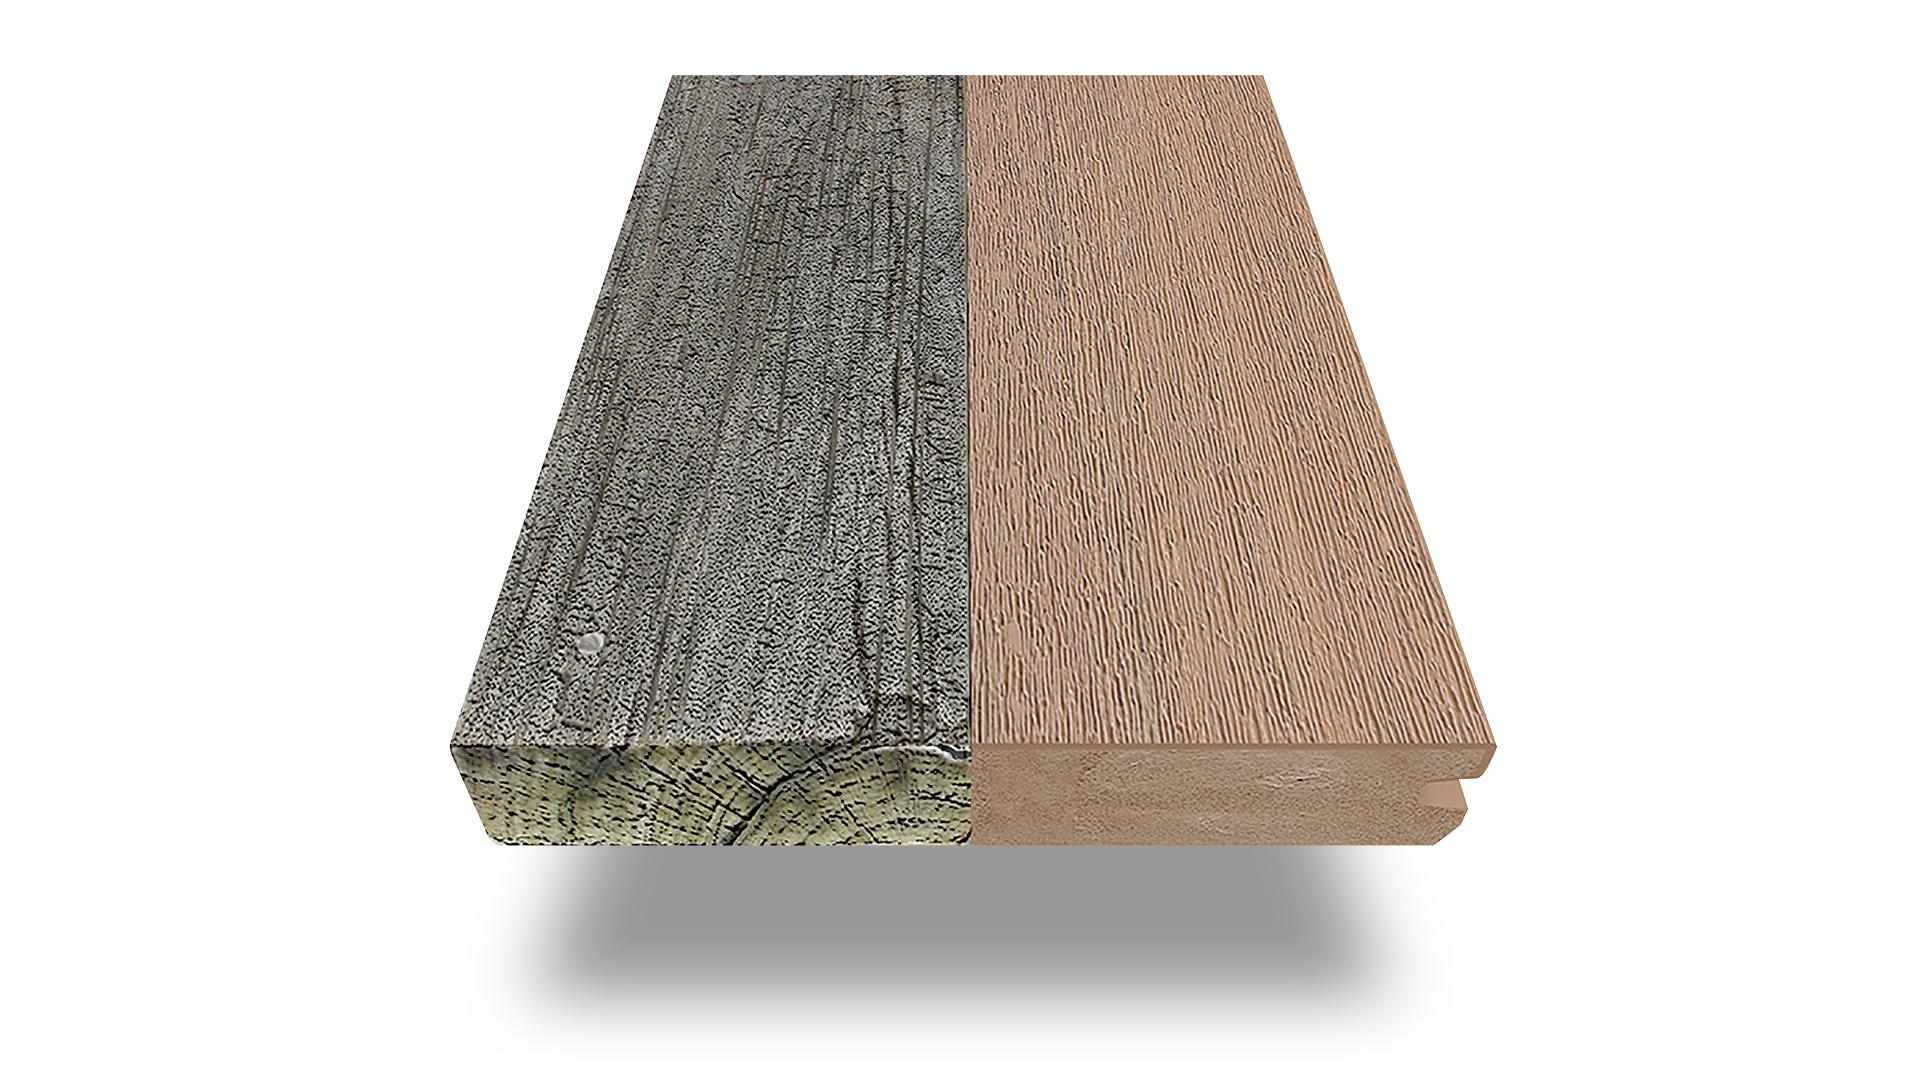 Террасная доска из дерева и пластика, что лучше?